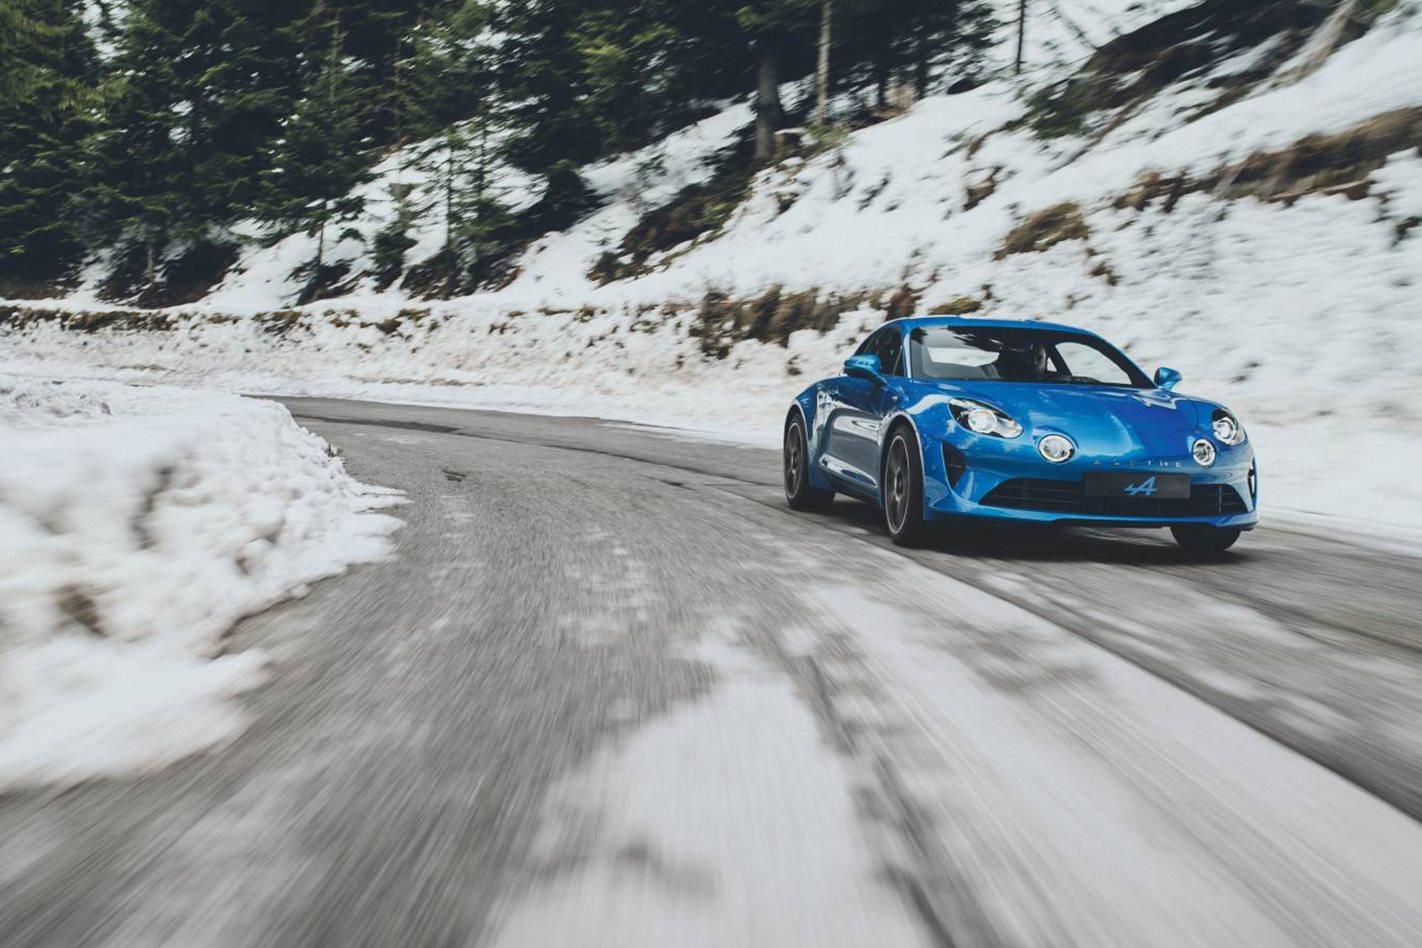 2018-Alpine-A110-front.jpg